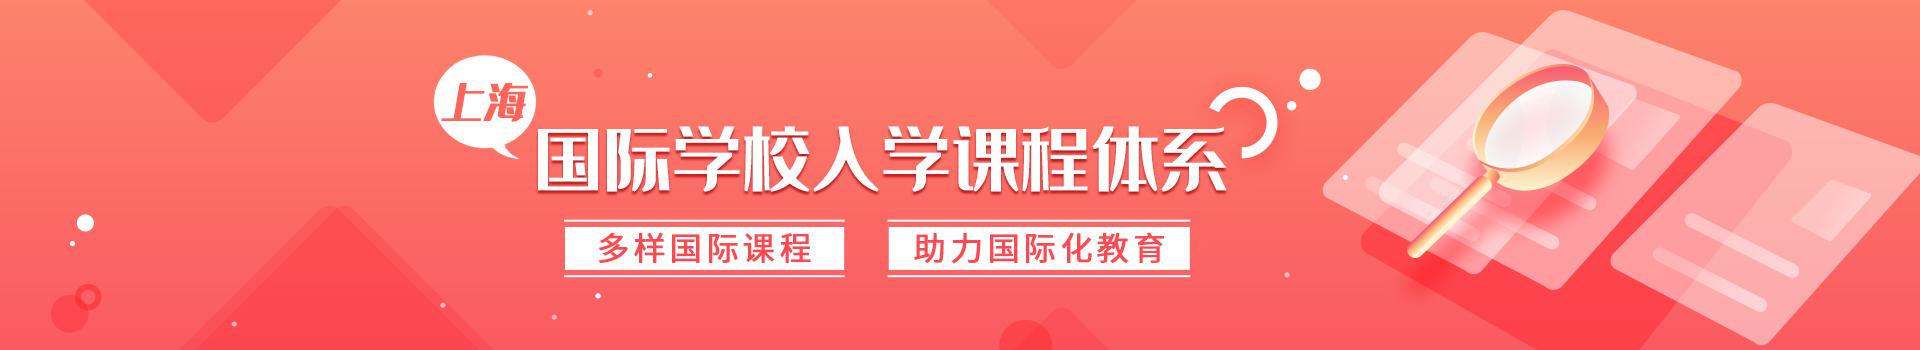 上海国际学校课程体系汇总